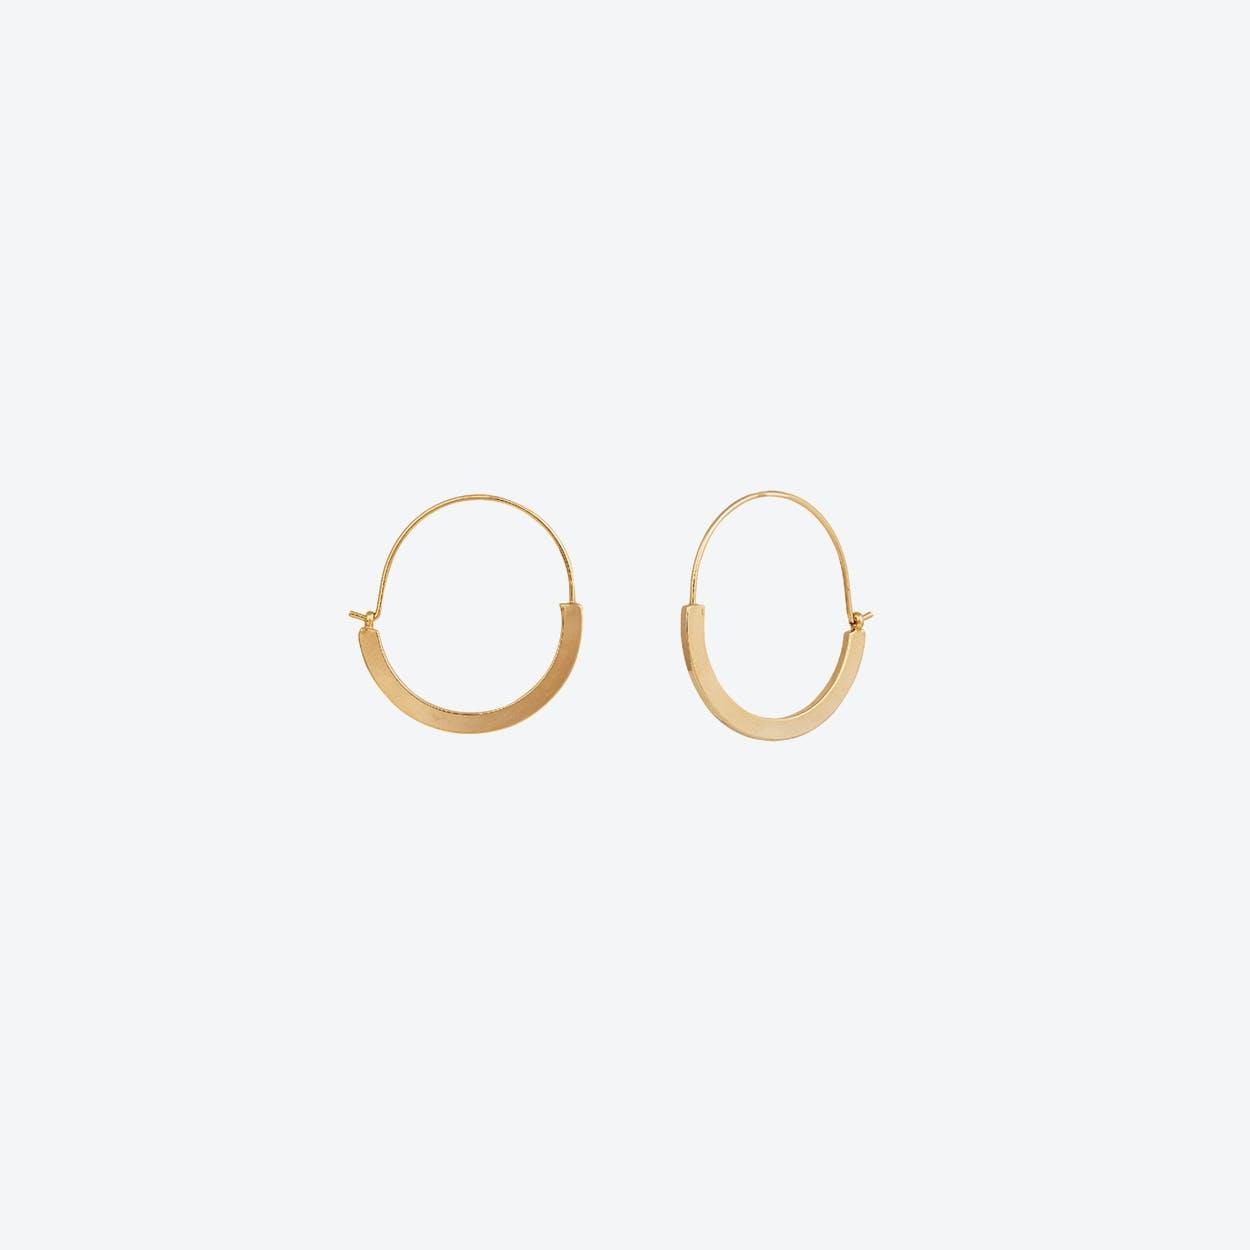 Sleek Gold Hoop Earrings